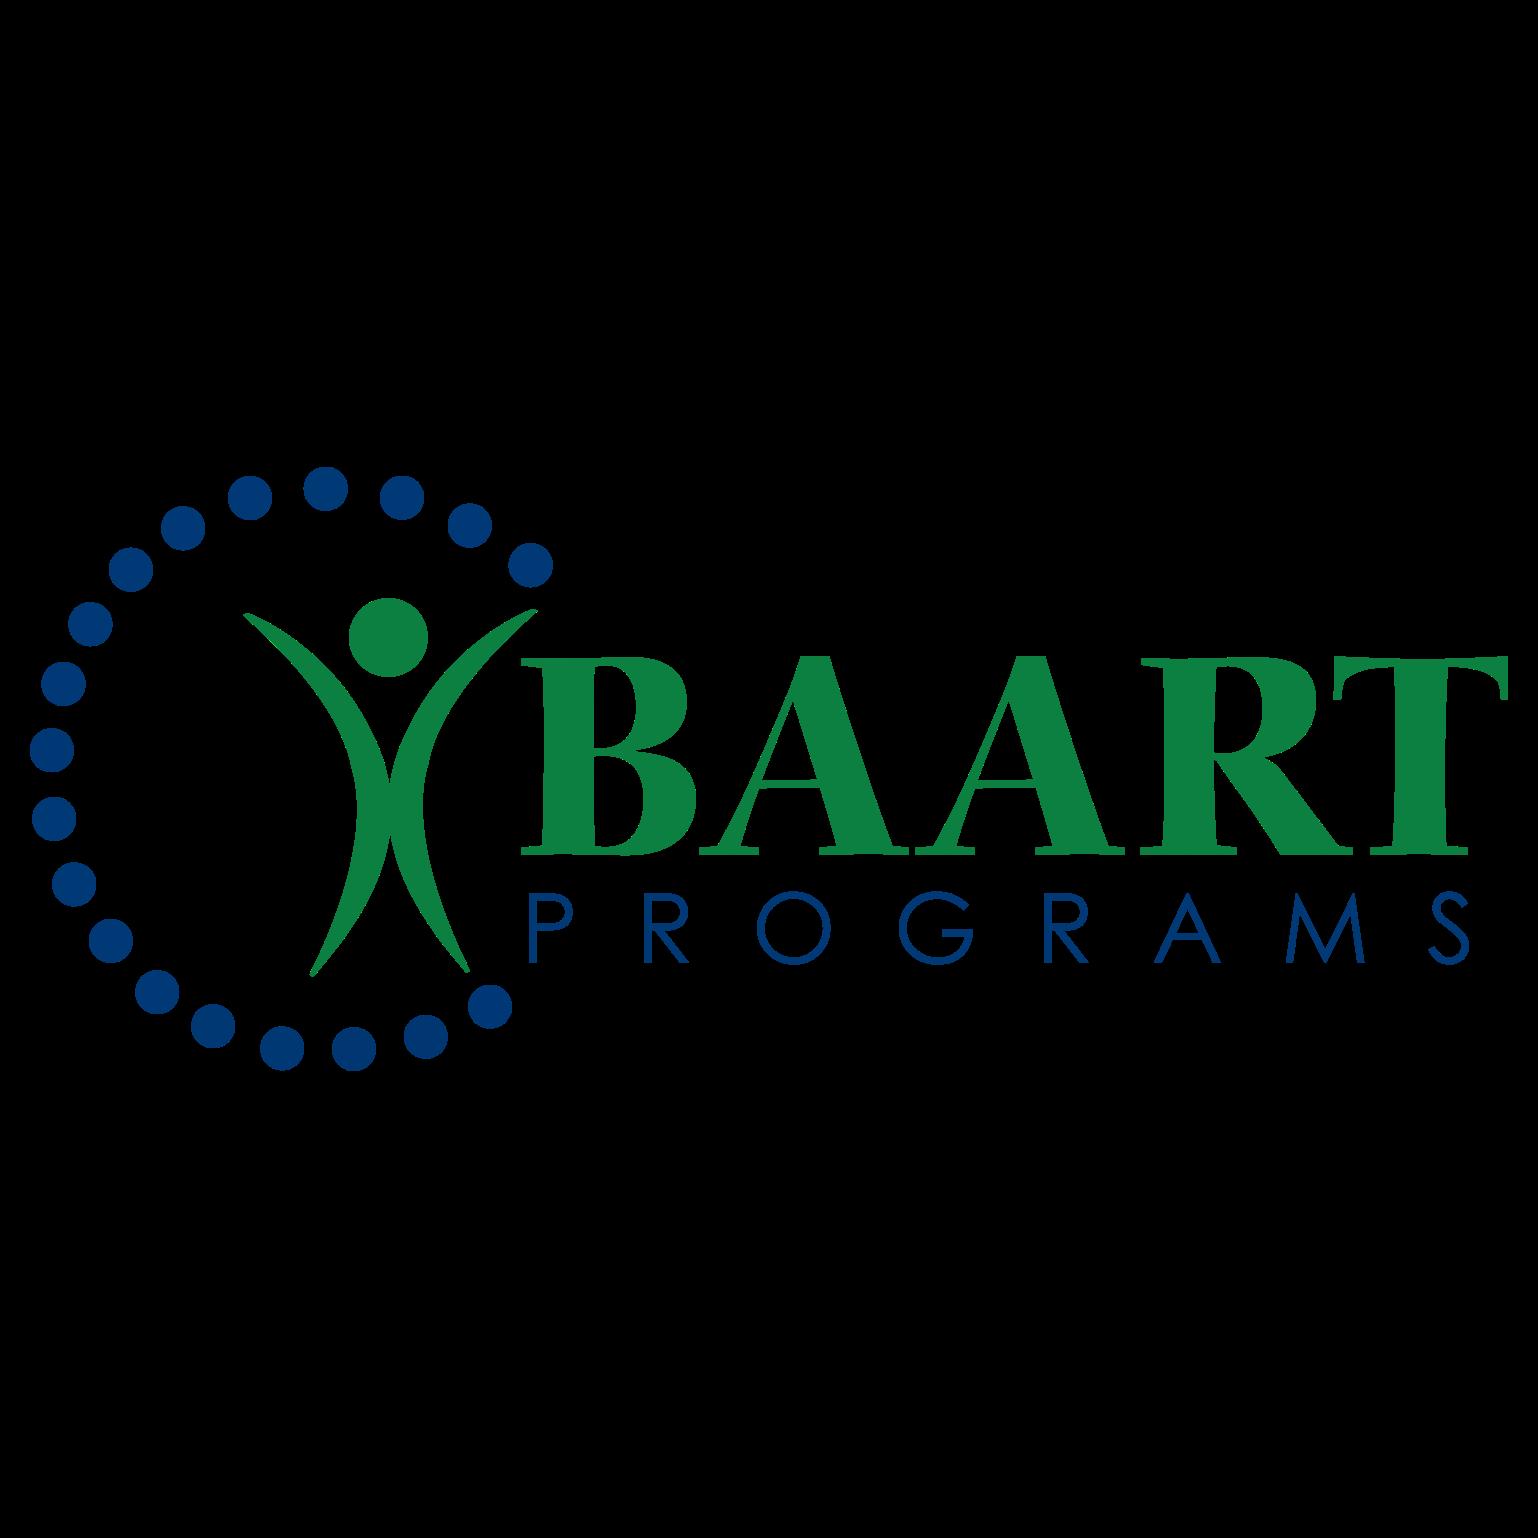 BAART Newport - Newport, VT - Mental Health Services